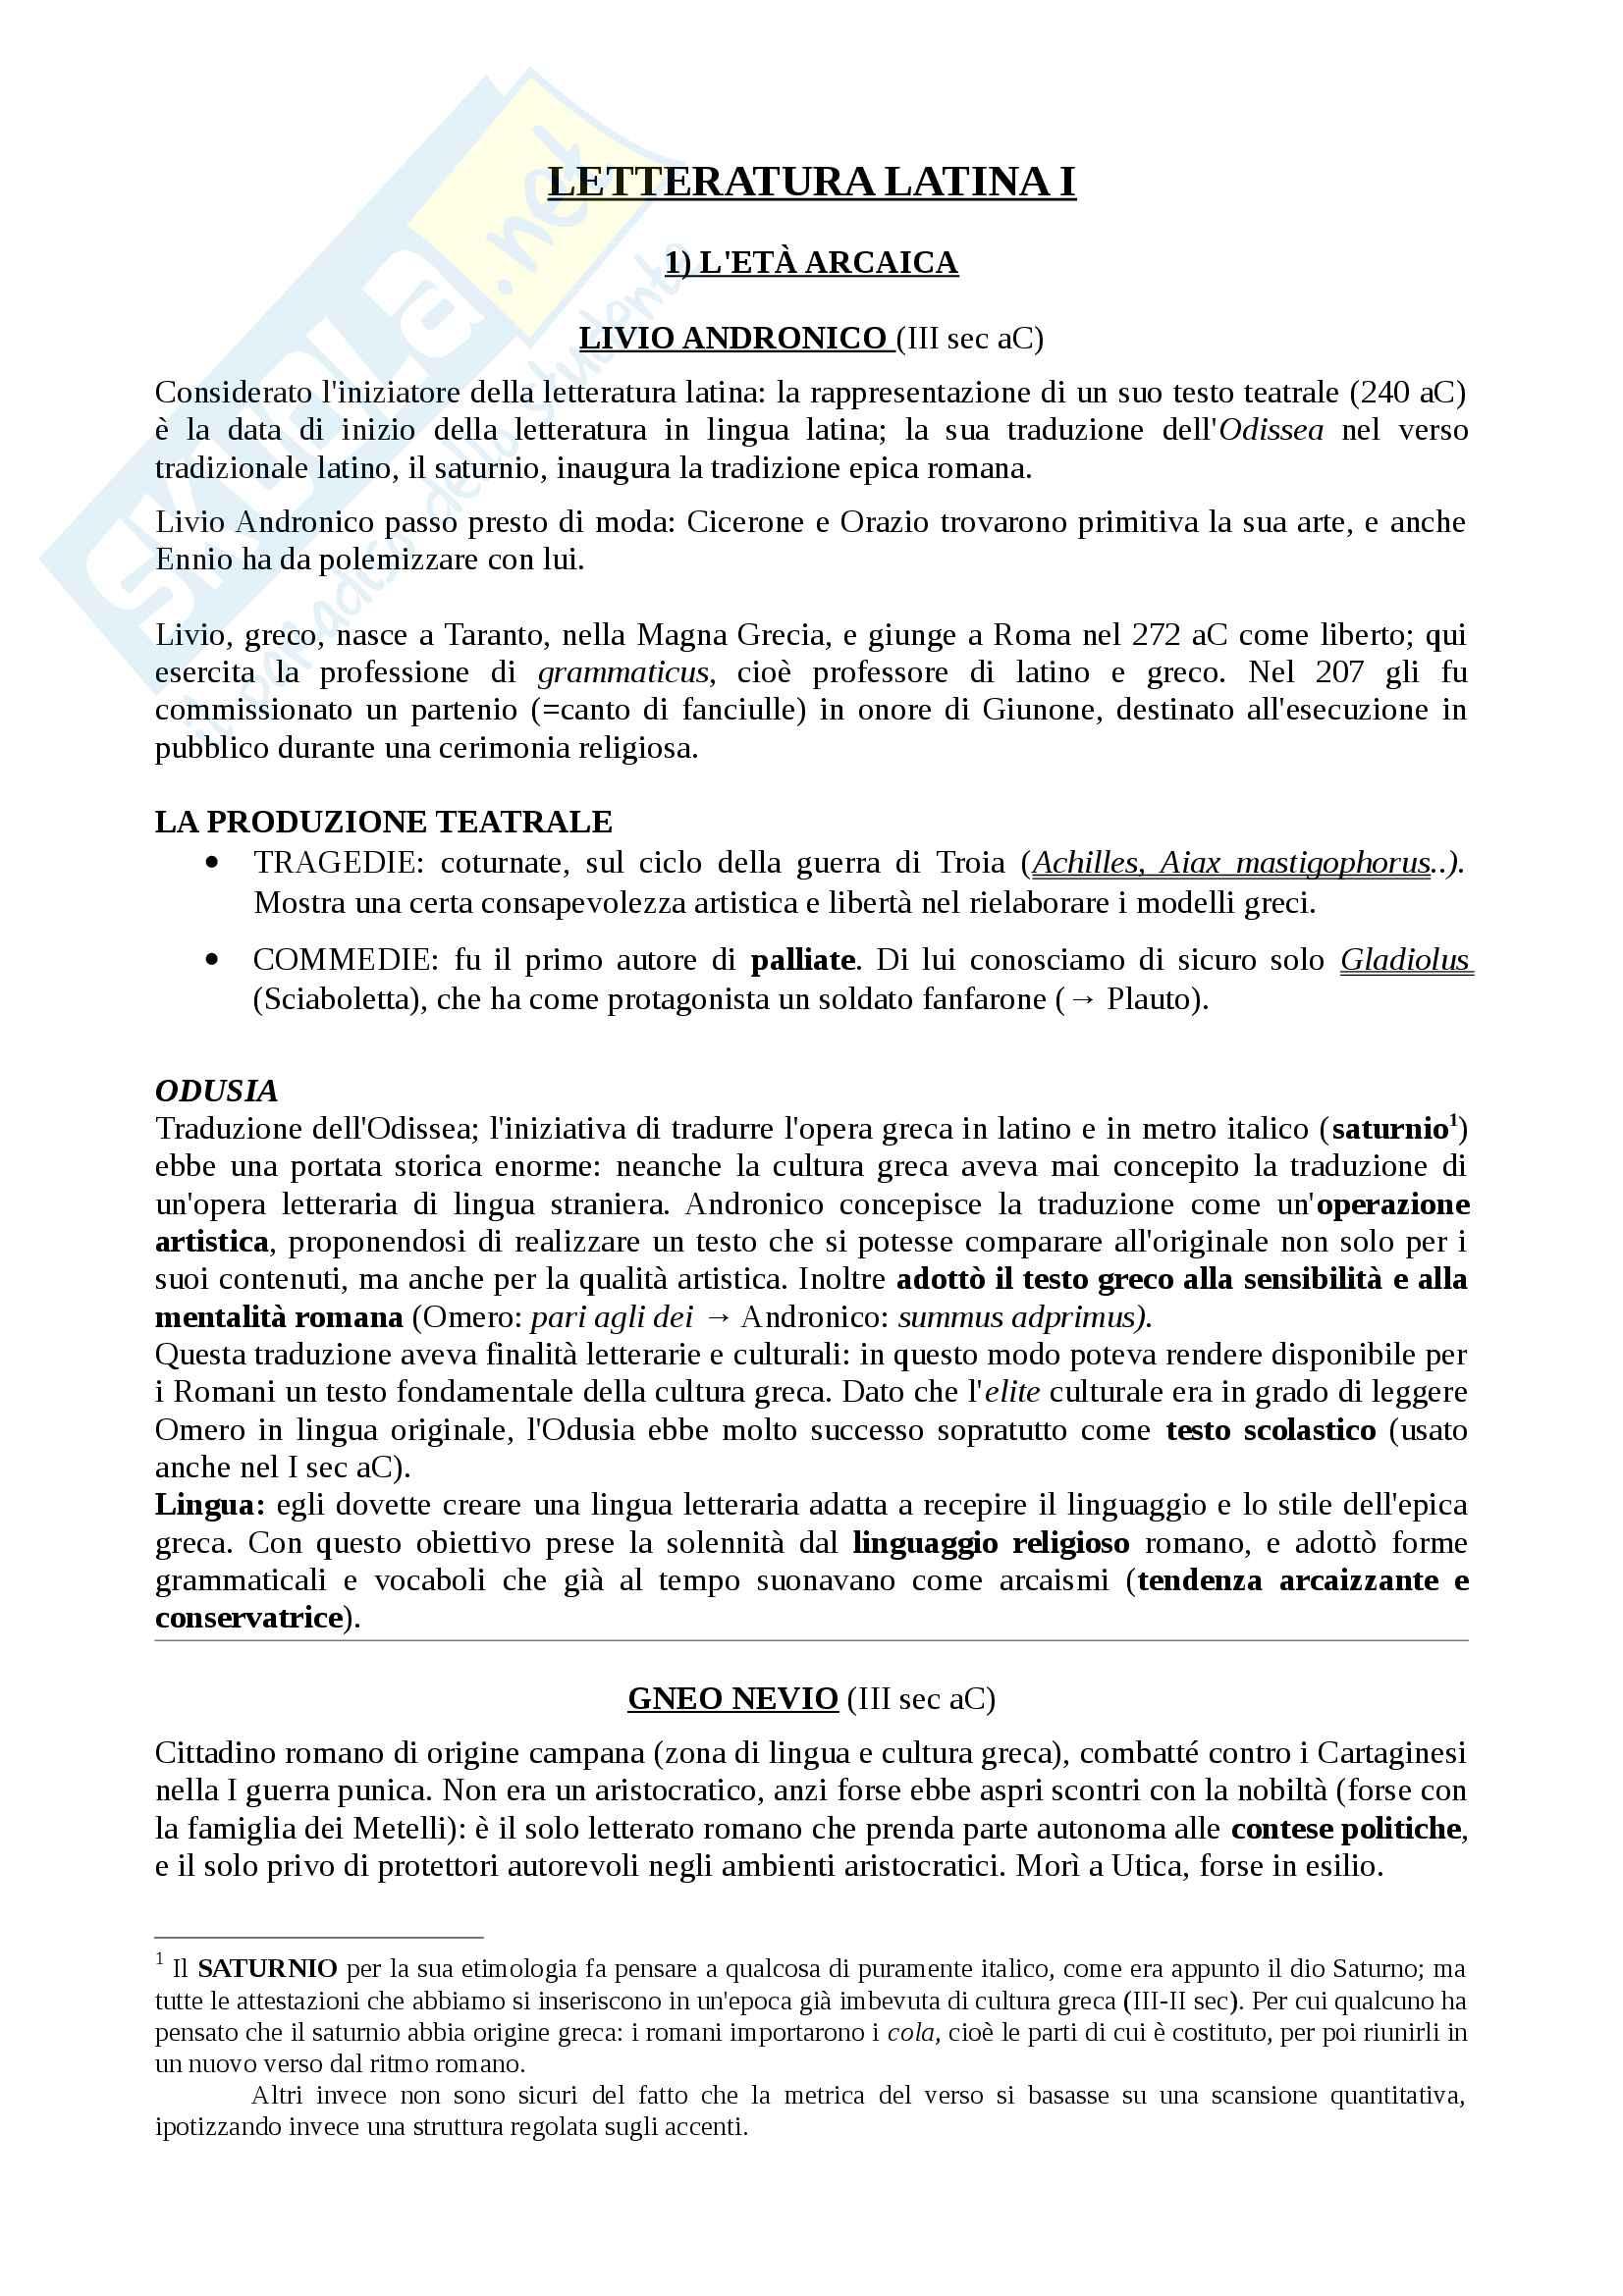 sunto di letteratura latina (da Livio Andronico a Rutilio Namaziano) per la parte monografica dell'esame di latino (prof. Castagna)